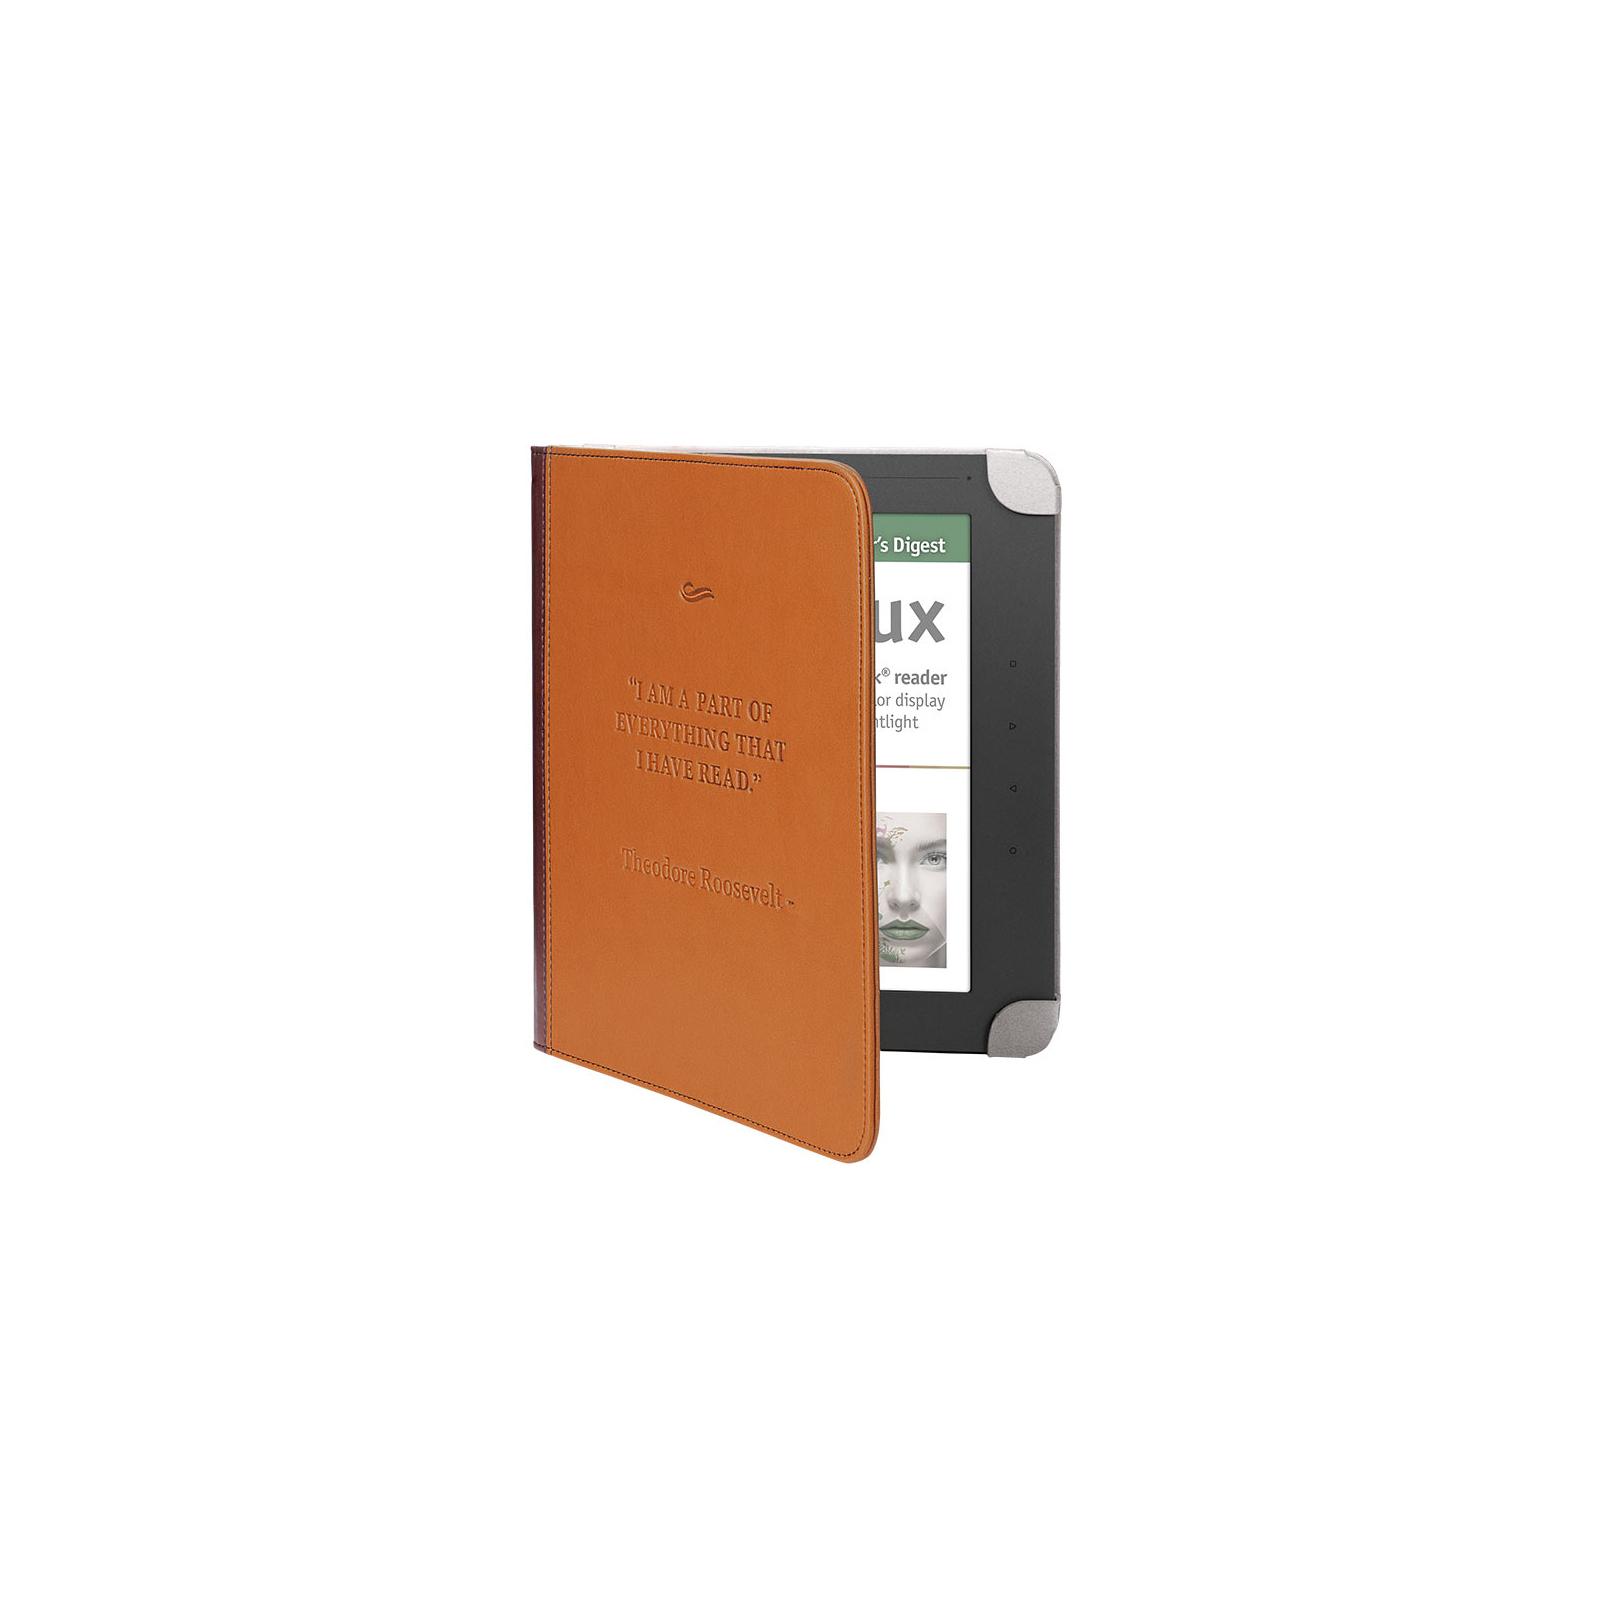 Чехол для электронной книги PocketBook PB801 brown/grey (PBPUC-8-BR-BK) изображение 2